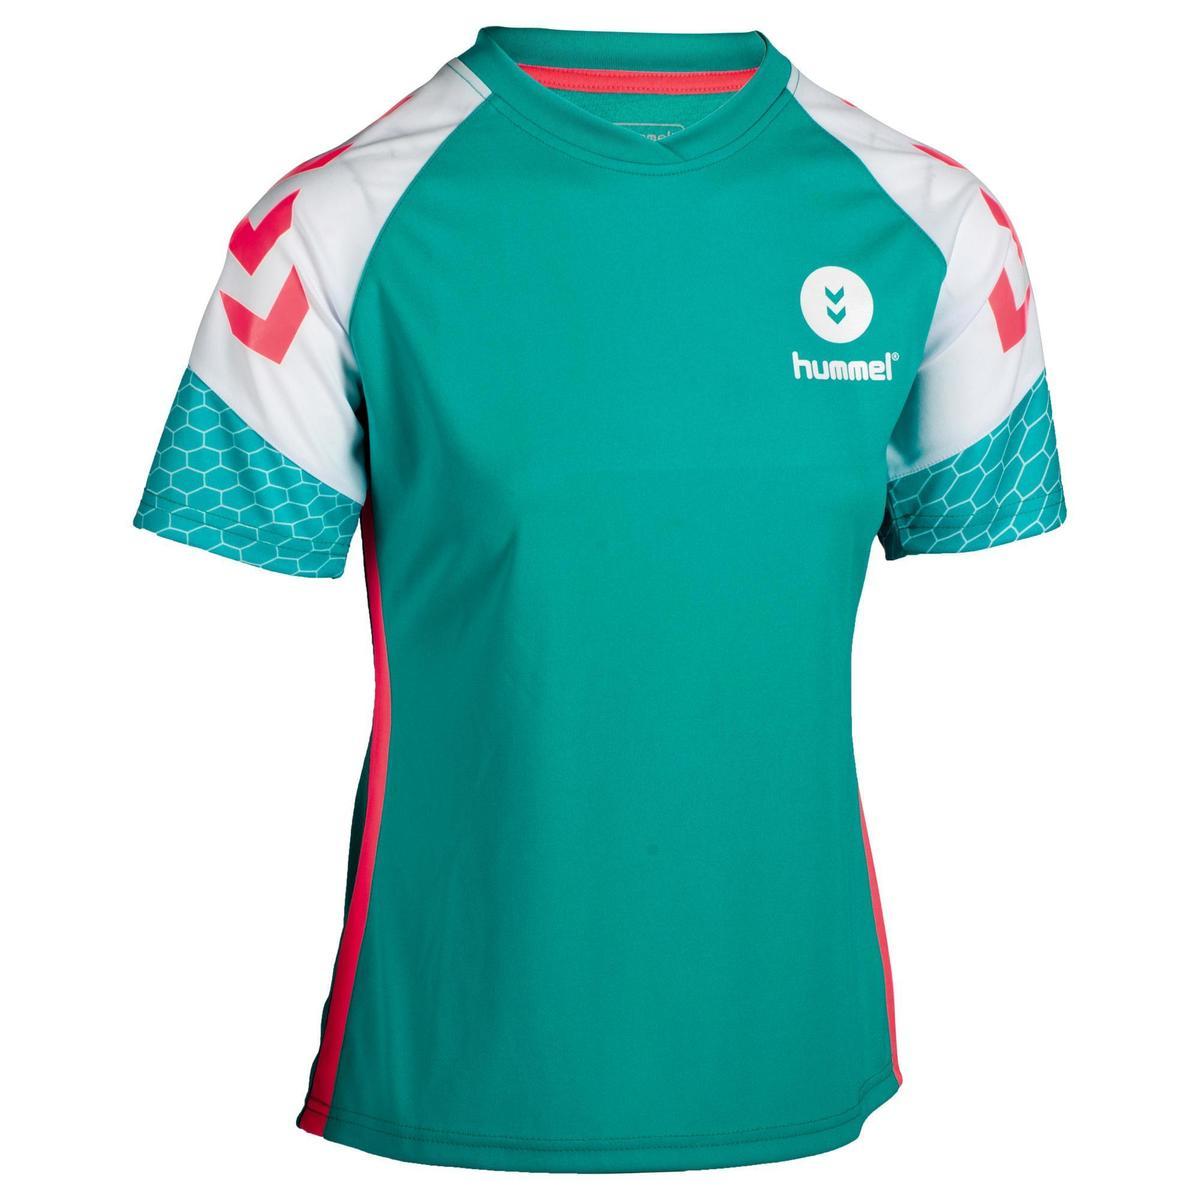 Bild 1 von Handballtrikot Damen türkis/weiß